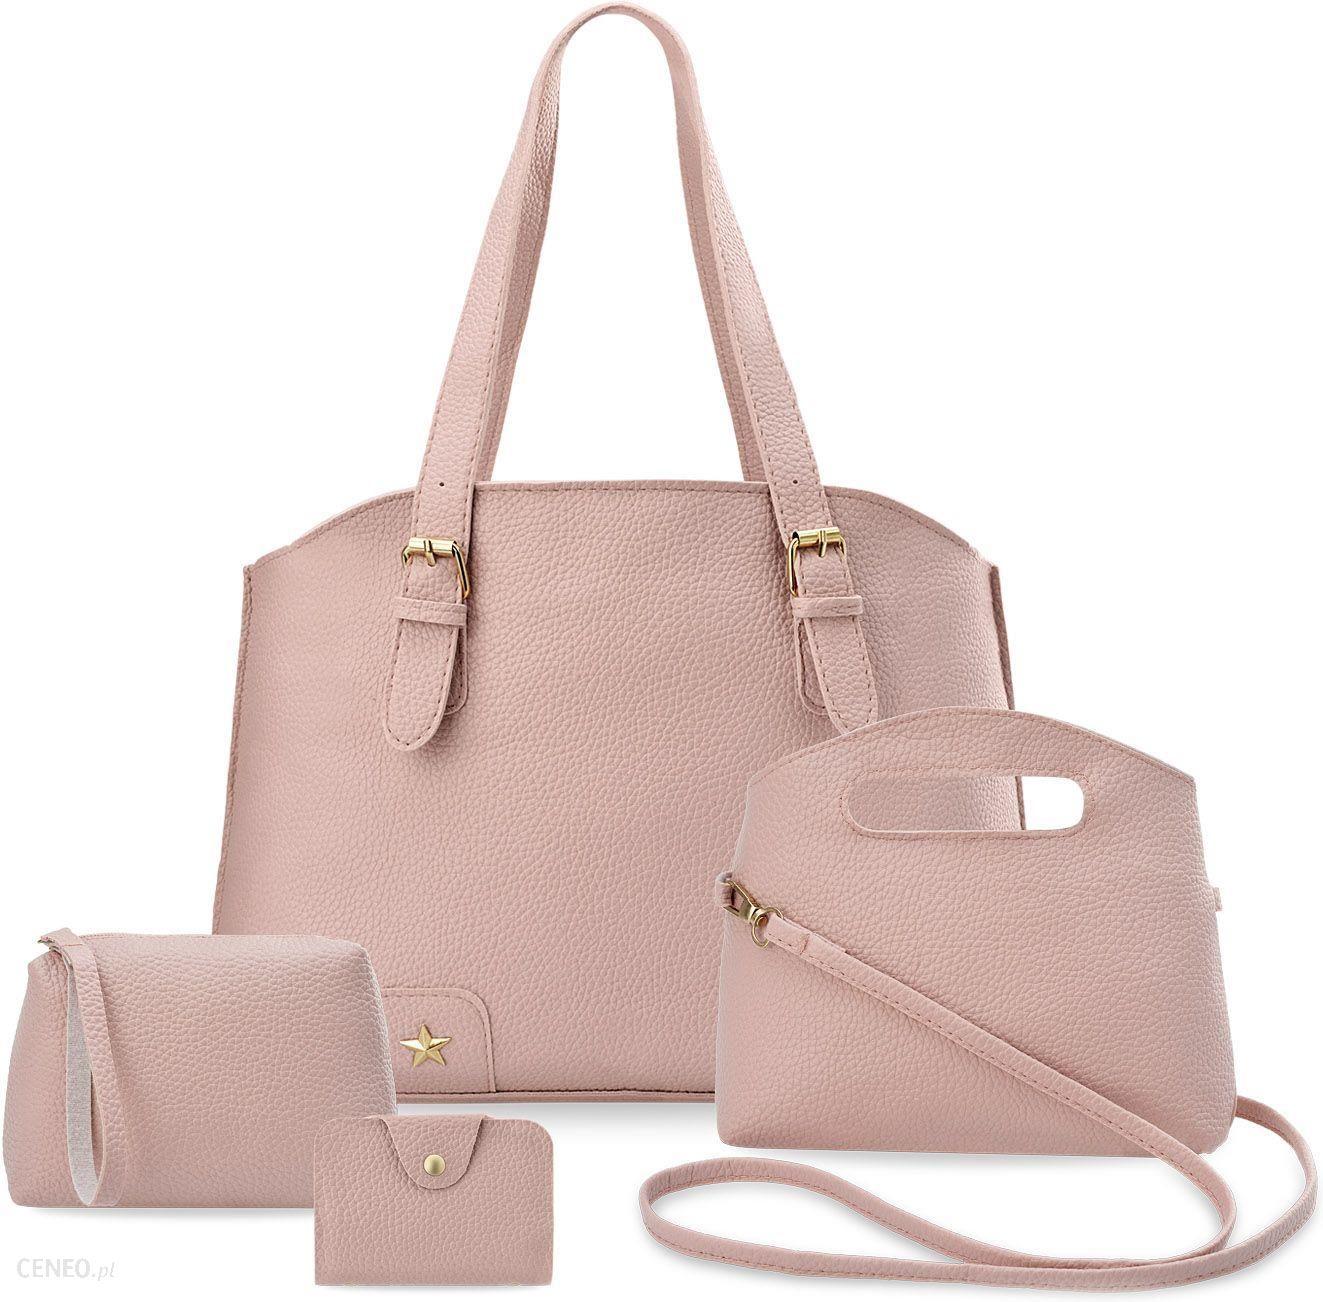 456b55fda0e14 Komplet torebek damskich 4w1 shopper bag torebka listonoszka saszetka etui  - różowy - zdjęcie 1